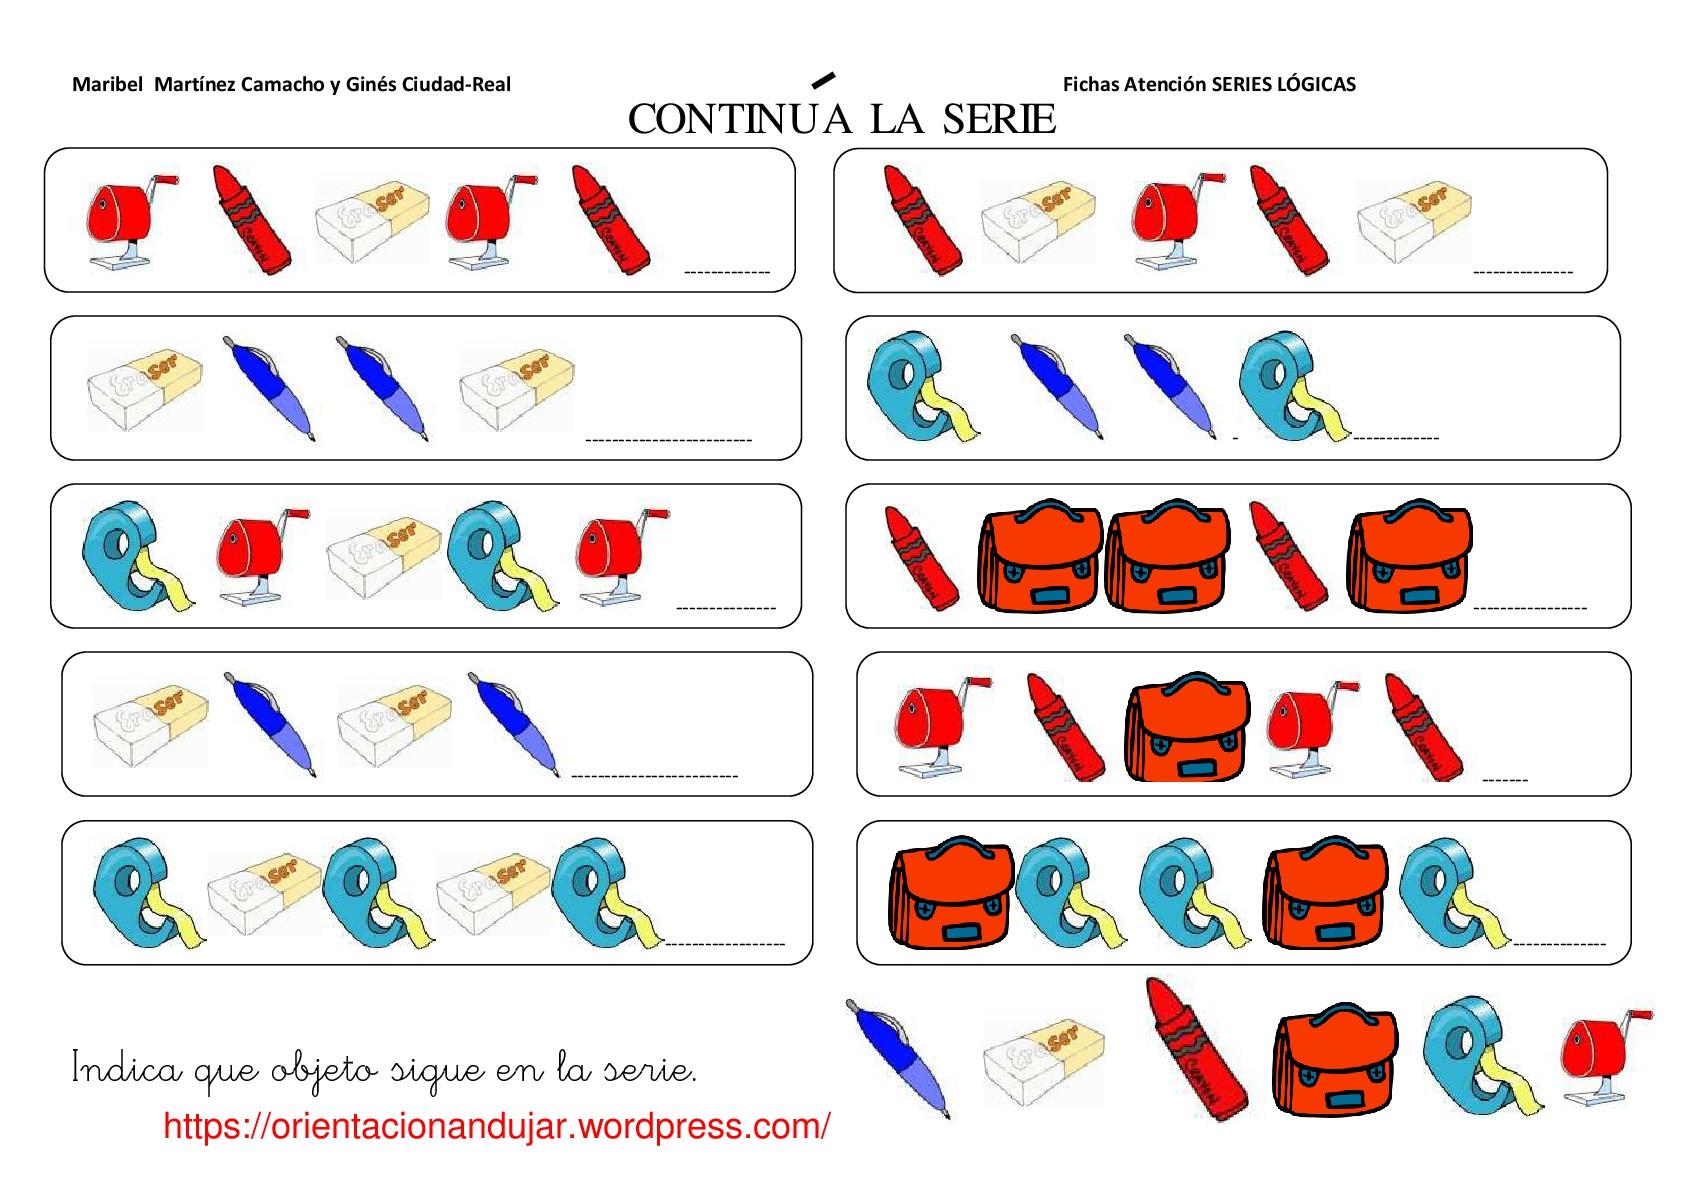 Continua-la-serie-fichas-1-20-010